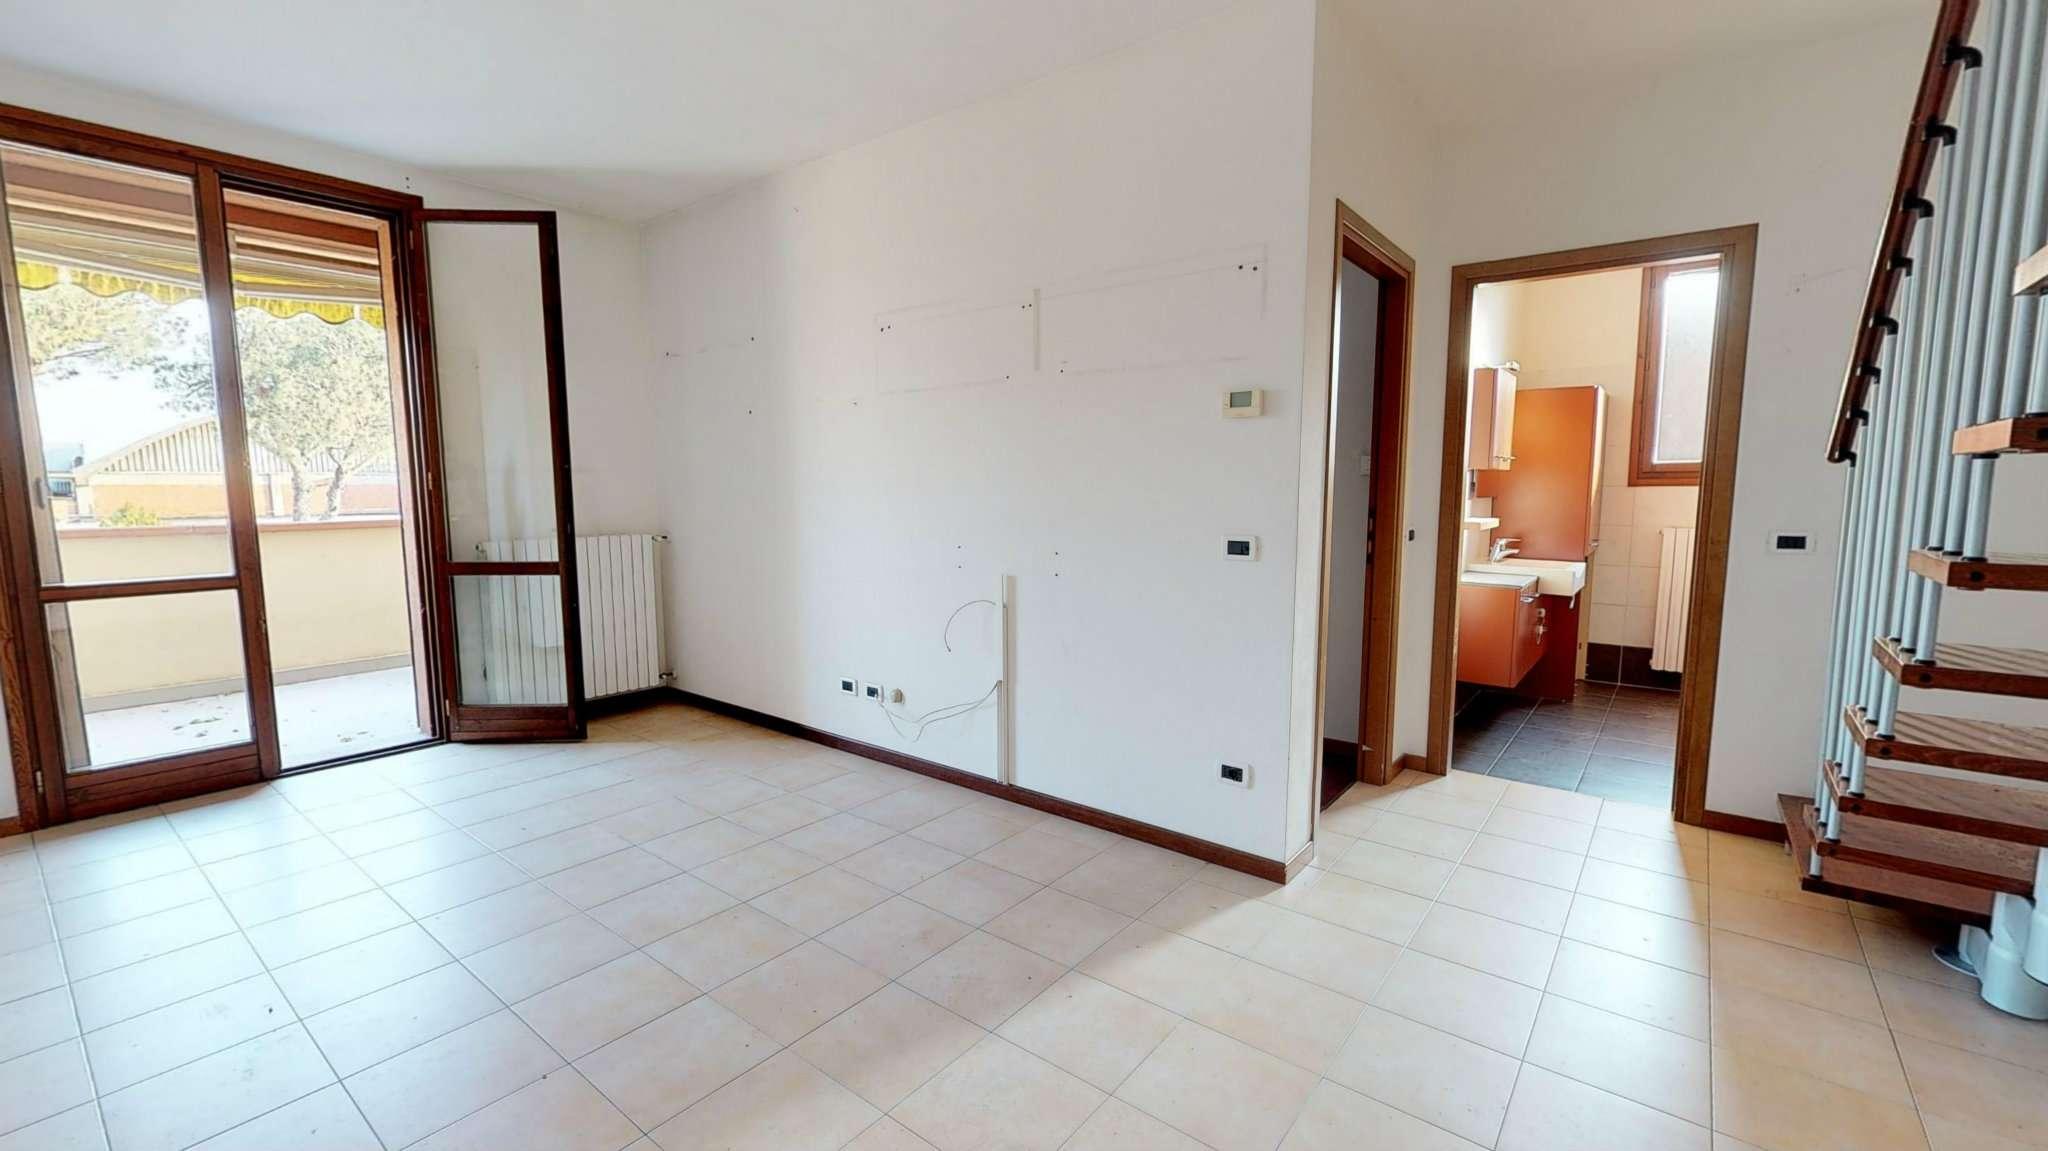 Appartamento in vendita a Castel Guelfo di Bologna, 3 locali, prezzo € 140.000   CambioCasa.it